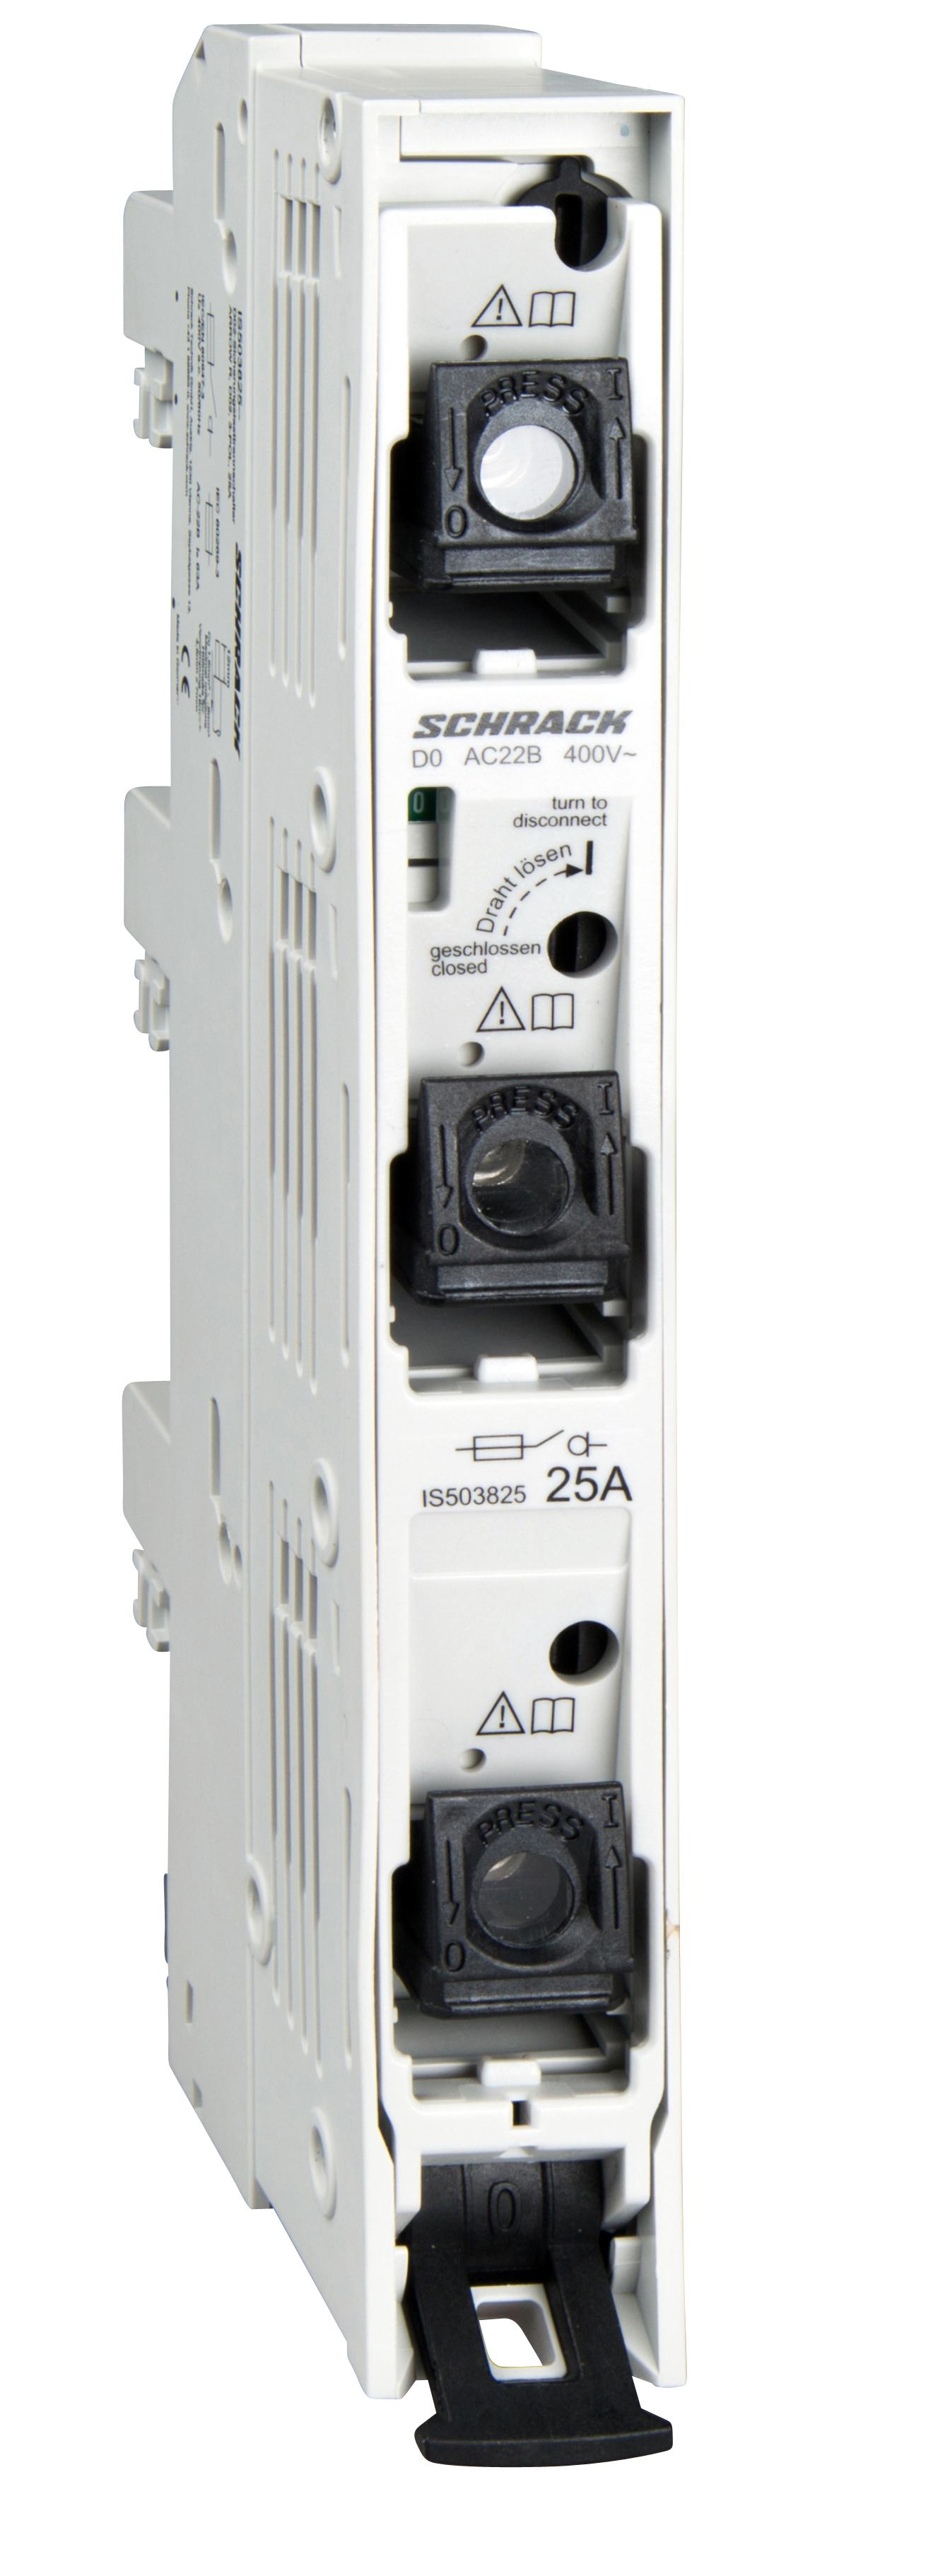 1 Stk D02-Sicherungslasttrennleiste ARROW R, 3-polig, 25A, kompl. IS503825--